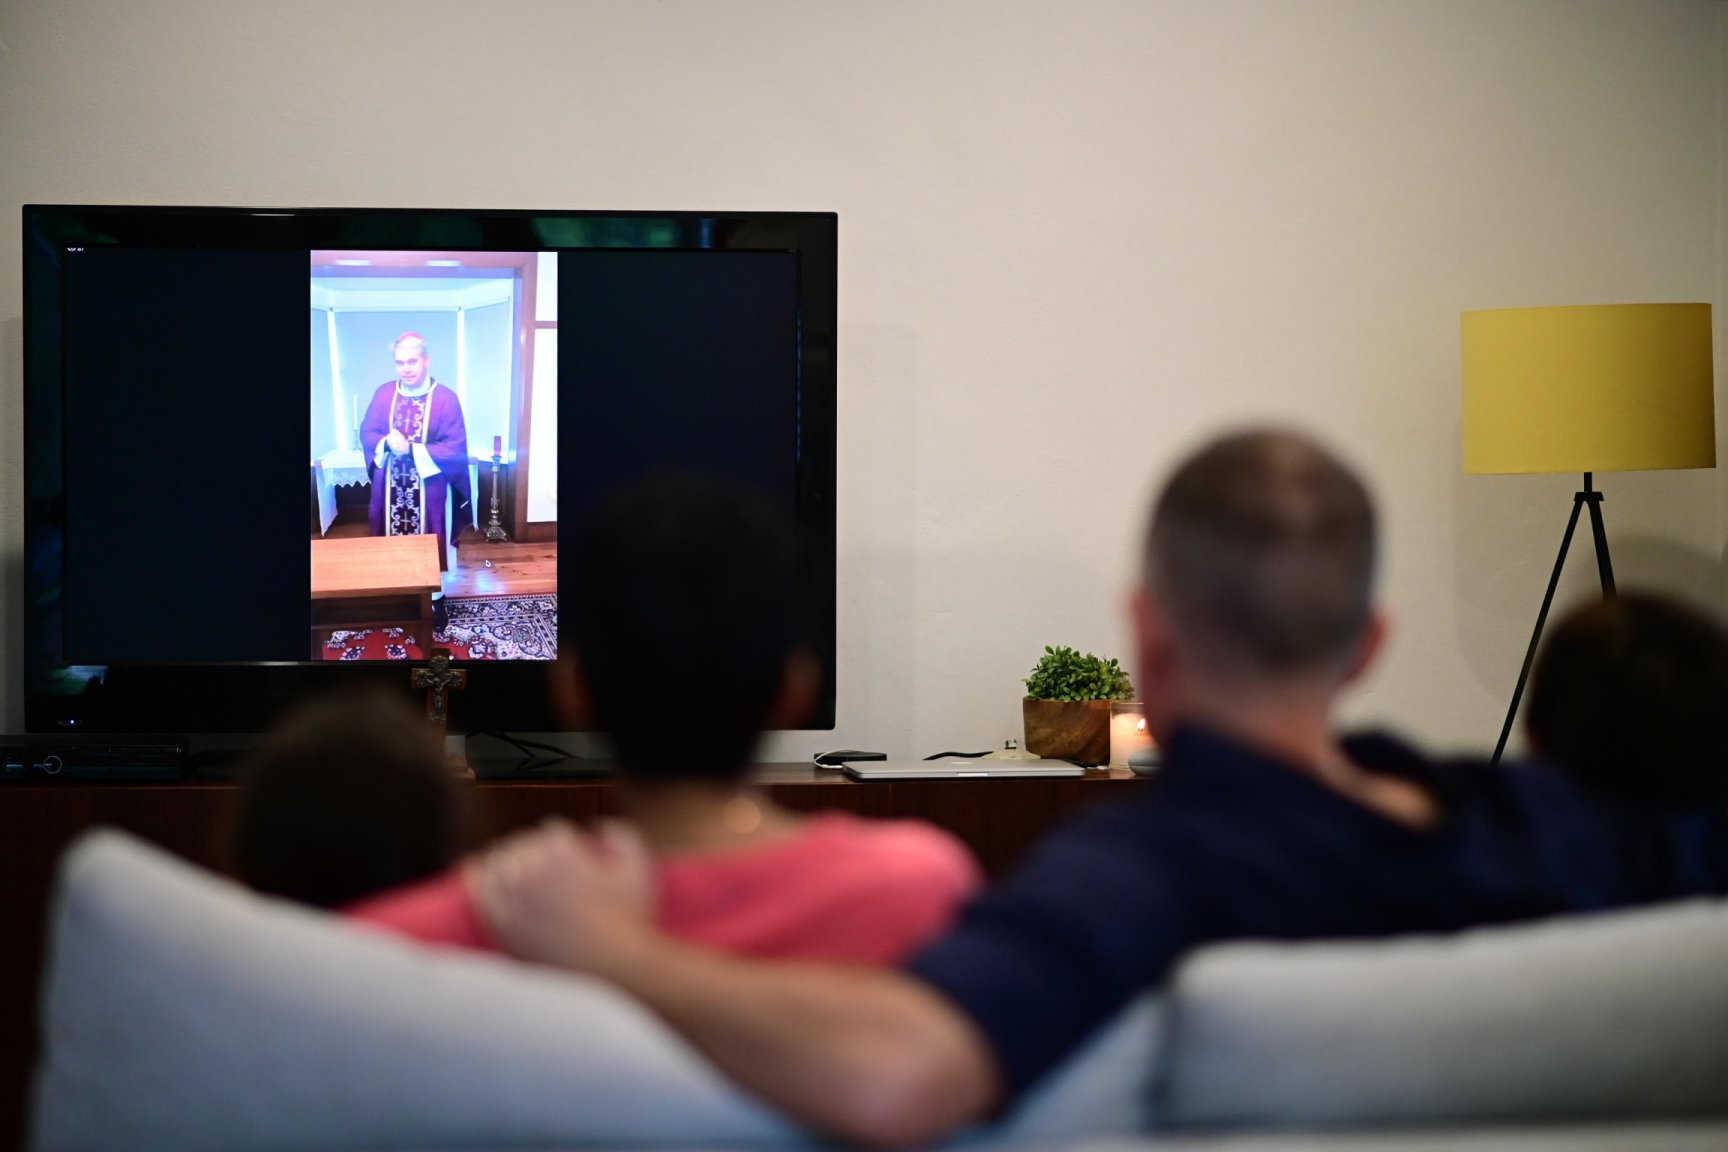 Cambia fruizione tv, a ogni modalità di visione il suo pubblico